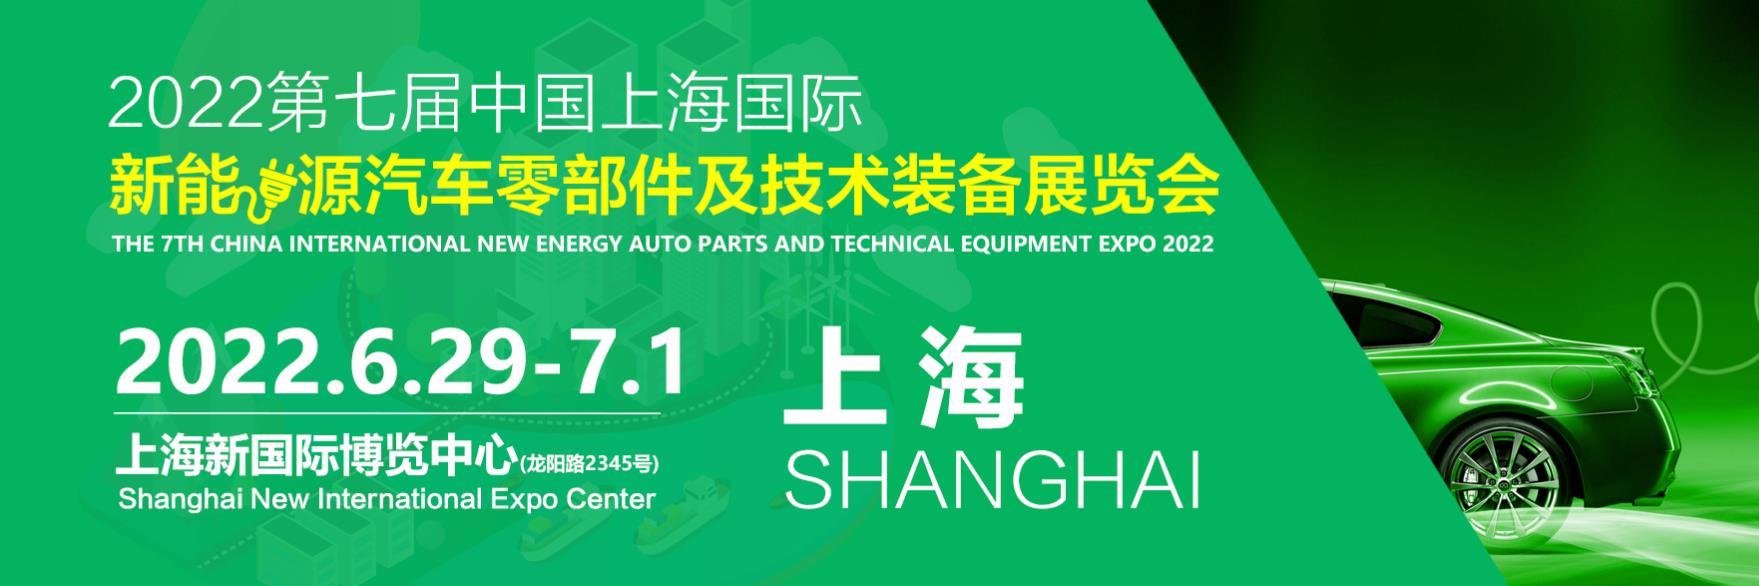 2022年第七届中国上海国际新能源汽车零部件及技术装备展览会